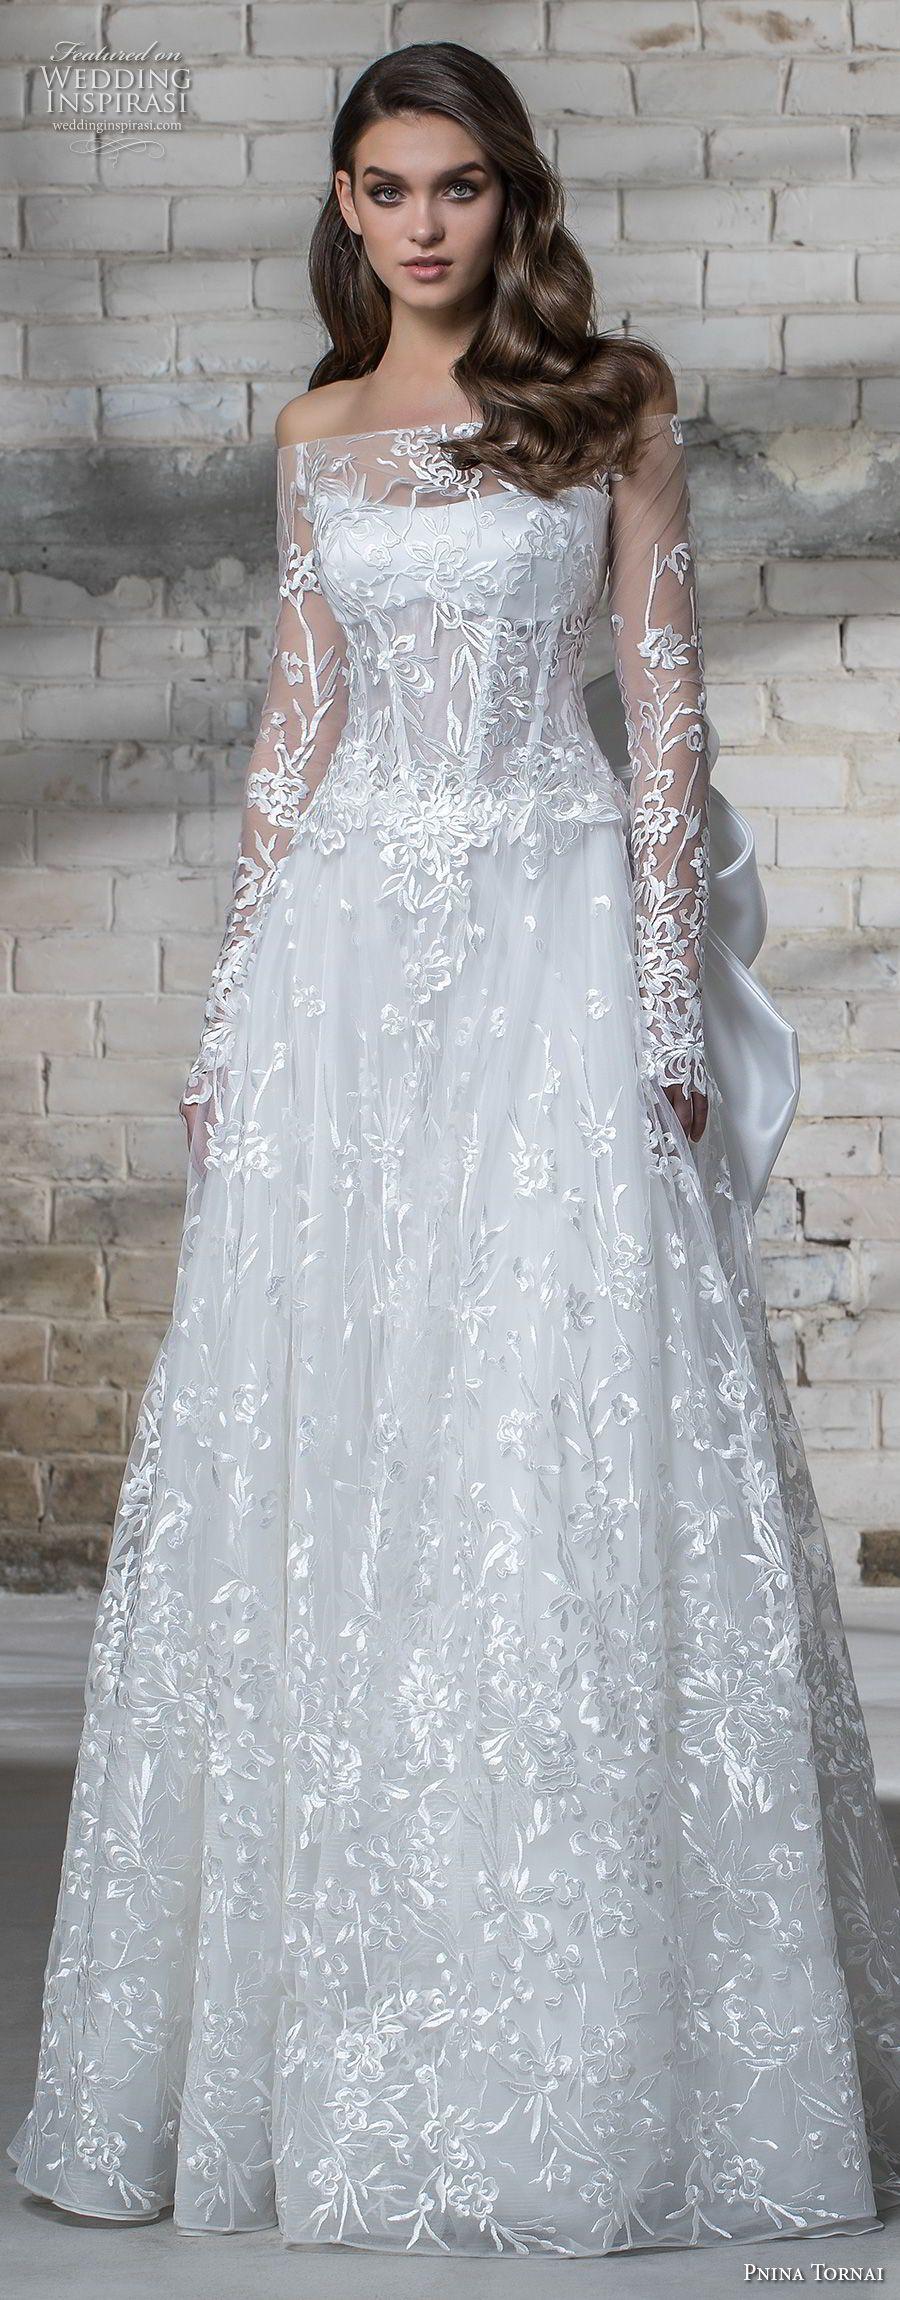 7067 | Wedding dress, Weddings and Wedding